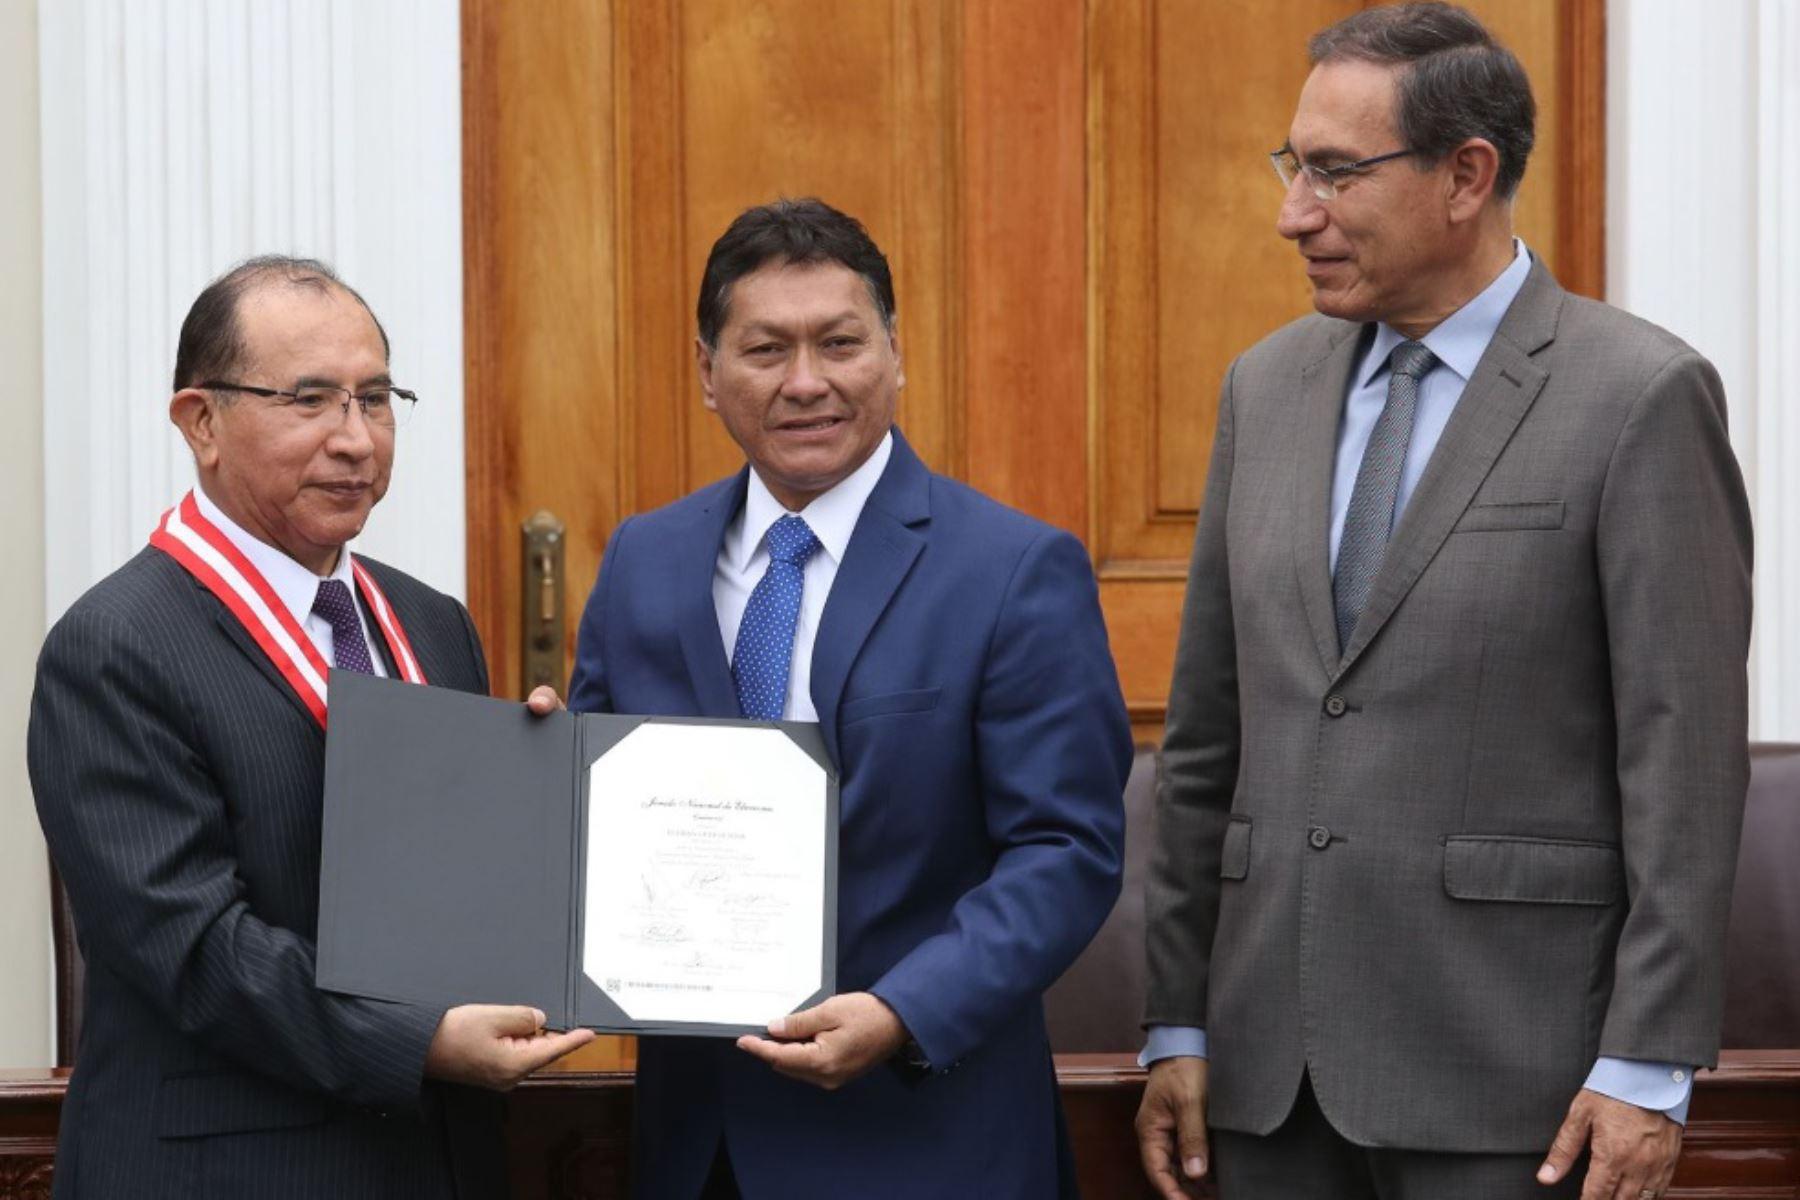 Gobernador regional de Loreto para el período 2019-2022, Elisbán Ochoa Sosa.